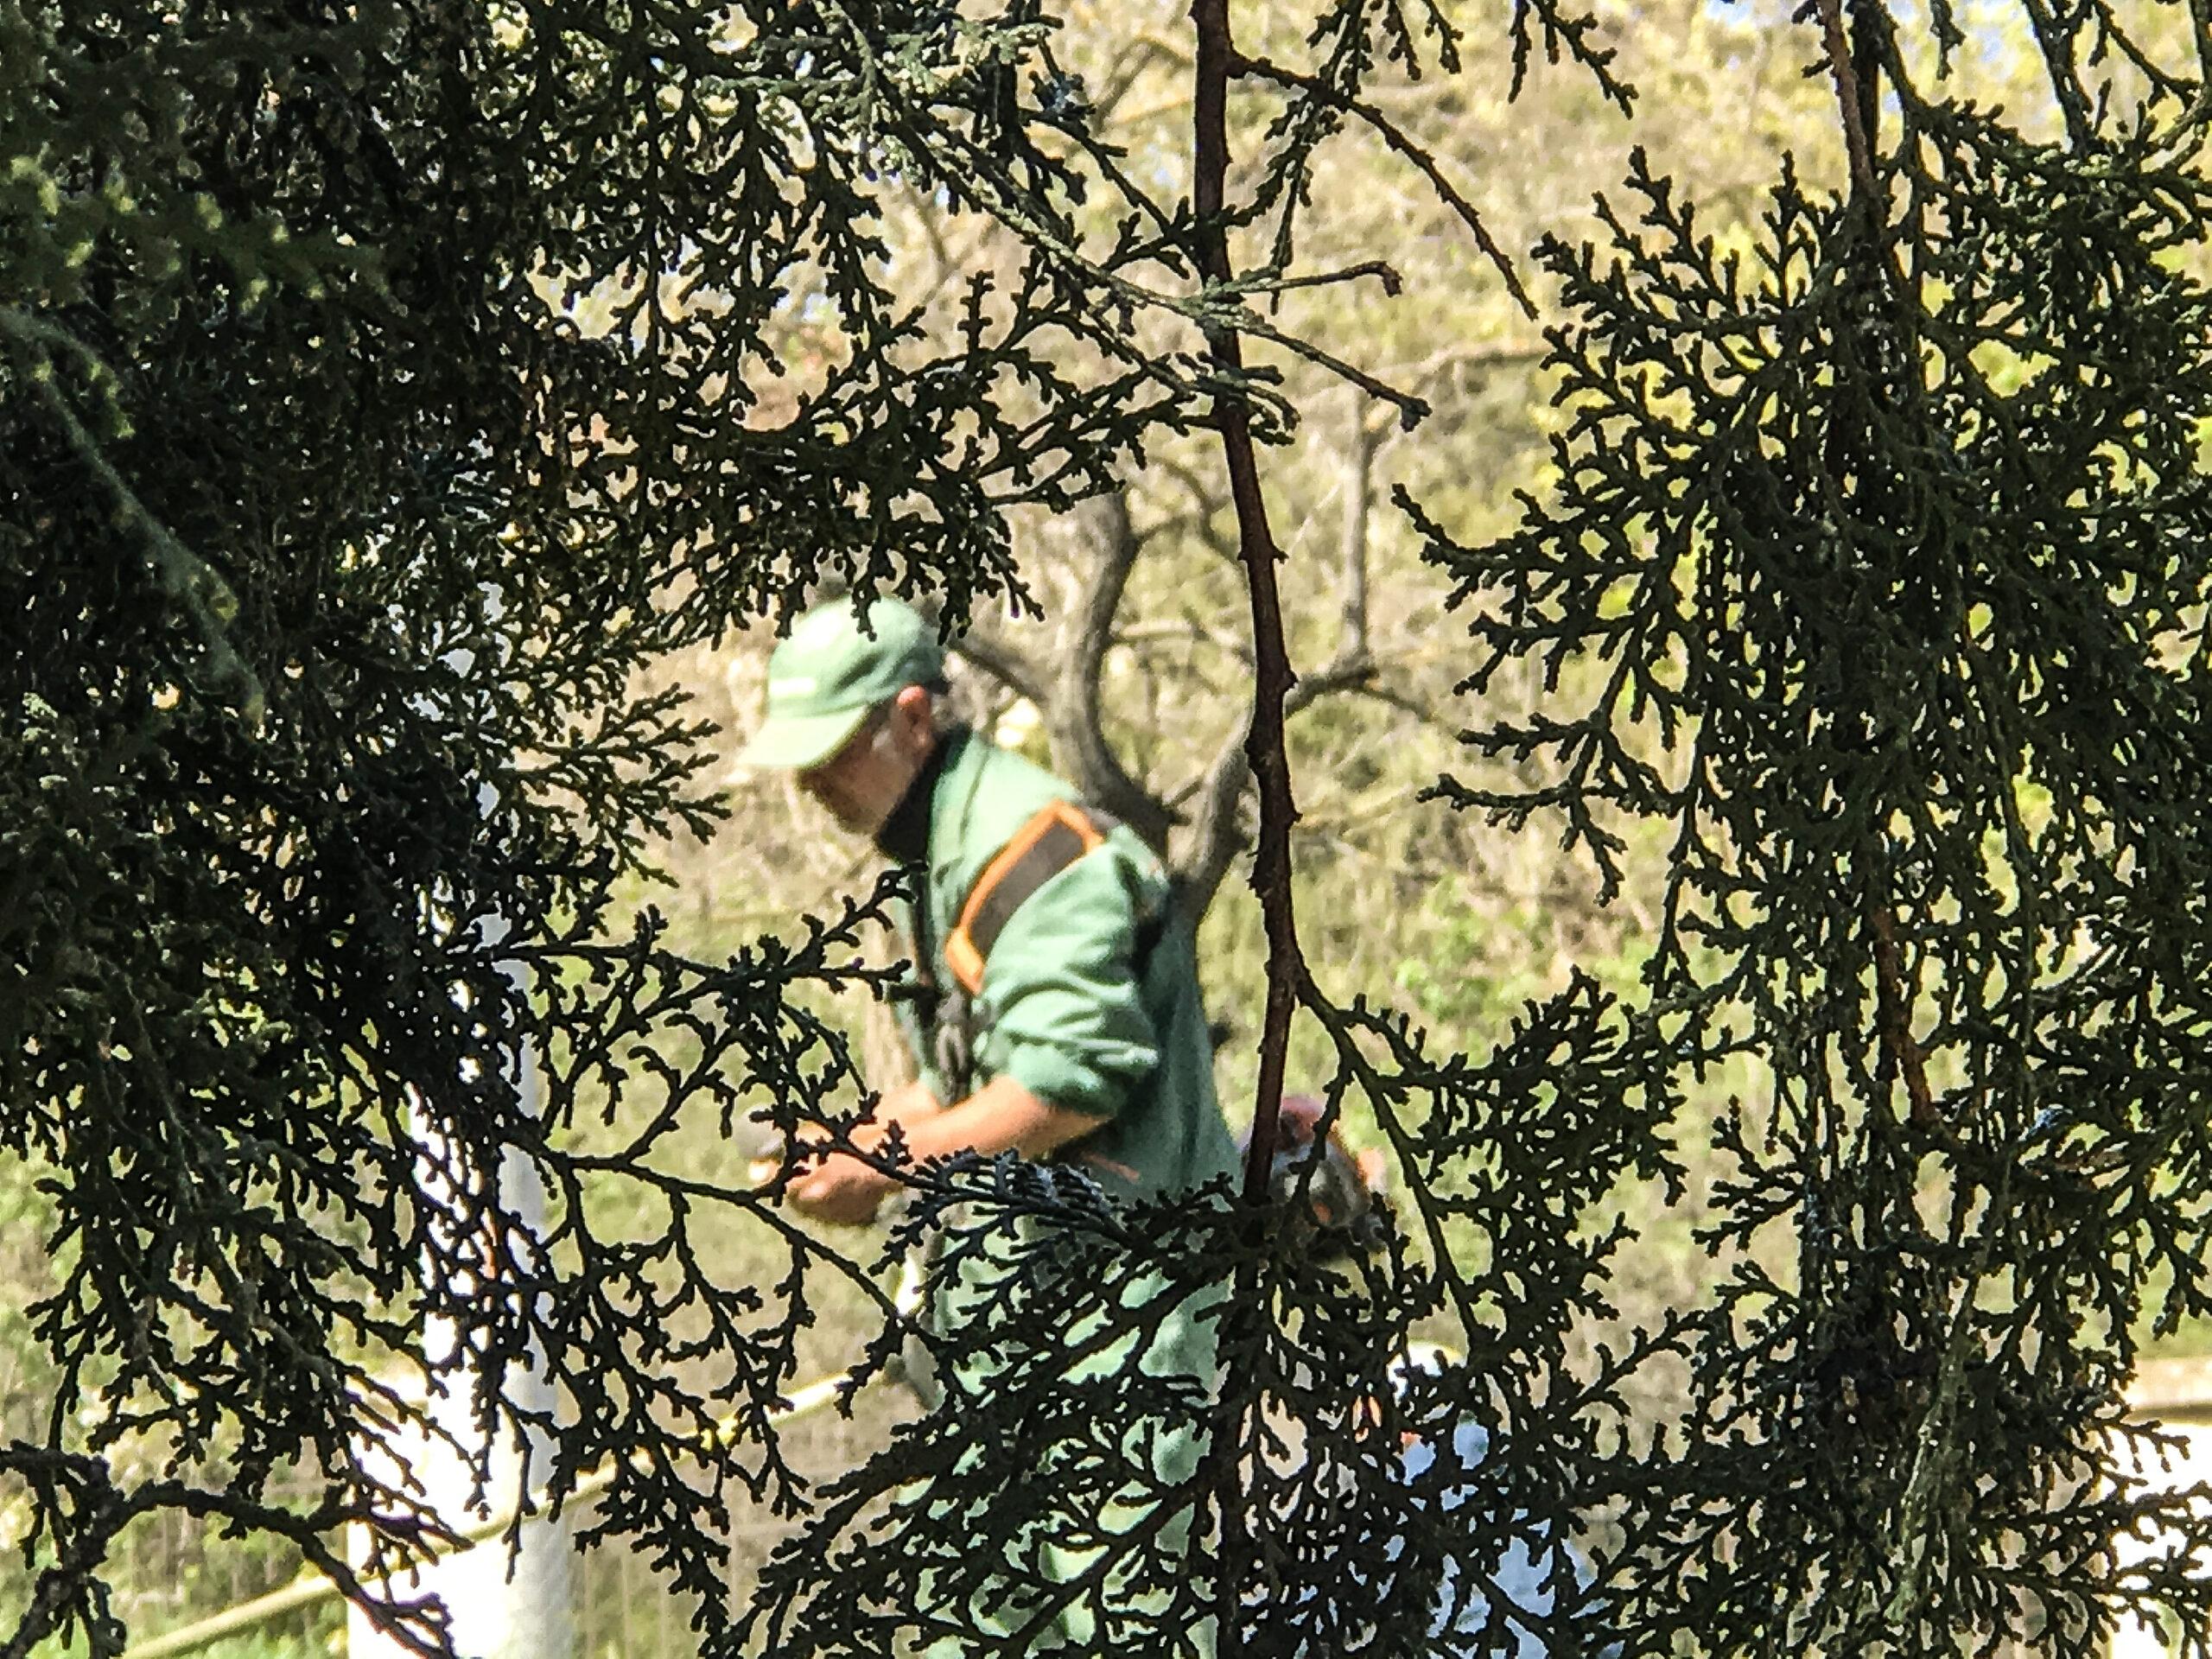 Рабочий посдтригает траву без защитной маски или респиратора